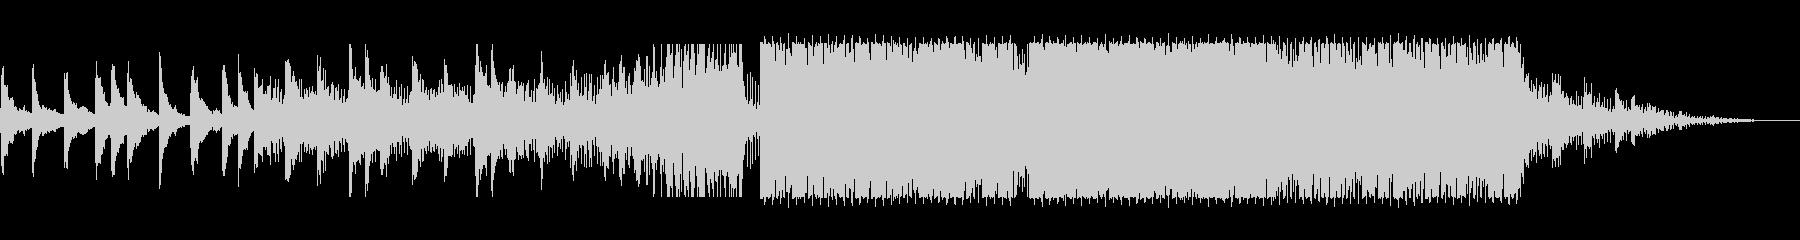 アルペジオが特徴的なドラムンベースの未再生の波形